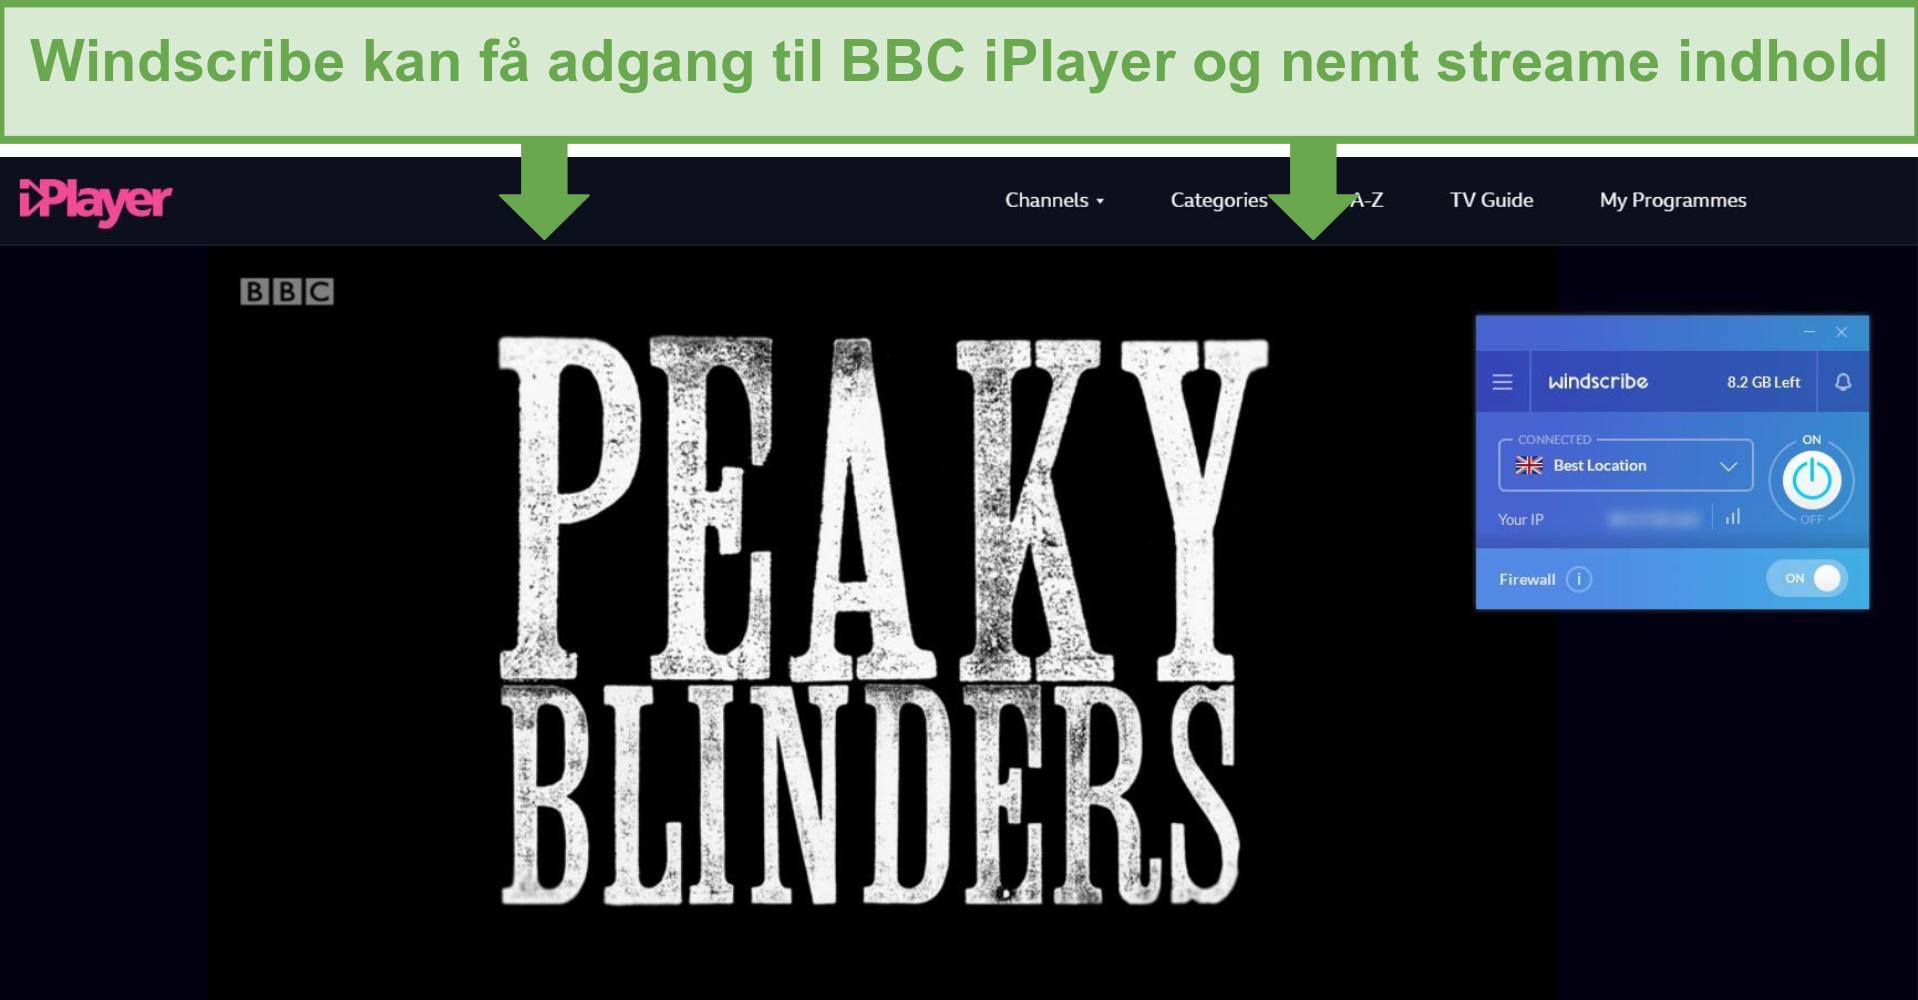 Skærmbillede af Windscribes gratis version, der blokerer for BBC iPlayer.